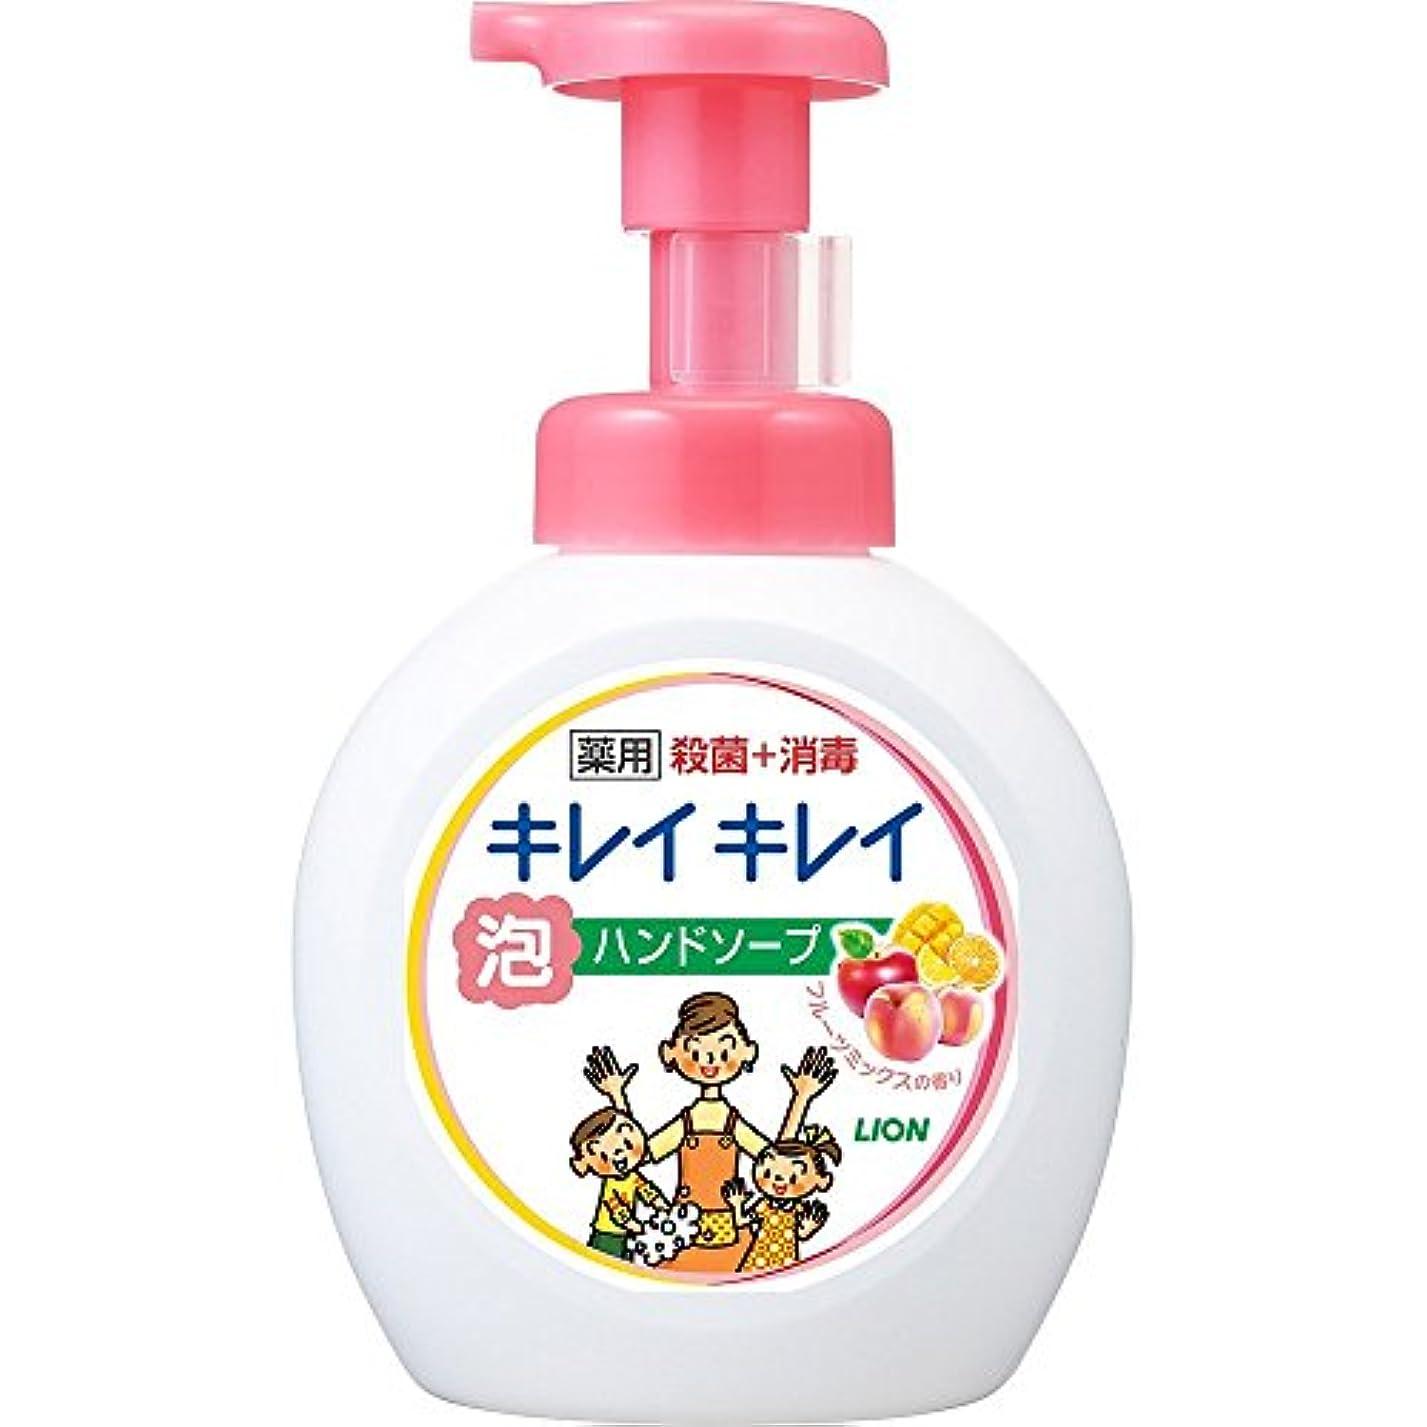 ゴミ箱を空にする愚か保証キレイキレイ 薬用 泡ハンドソープ フルーツミックスの香り 本体ポンプ 大型サイズ 500ml(医薬部外品)